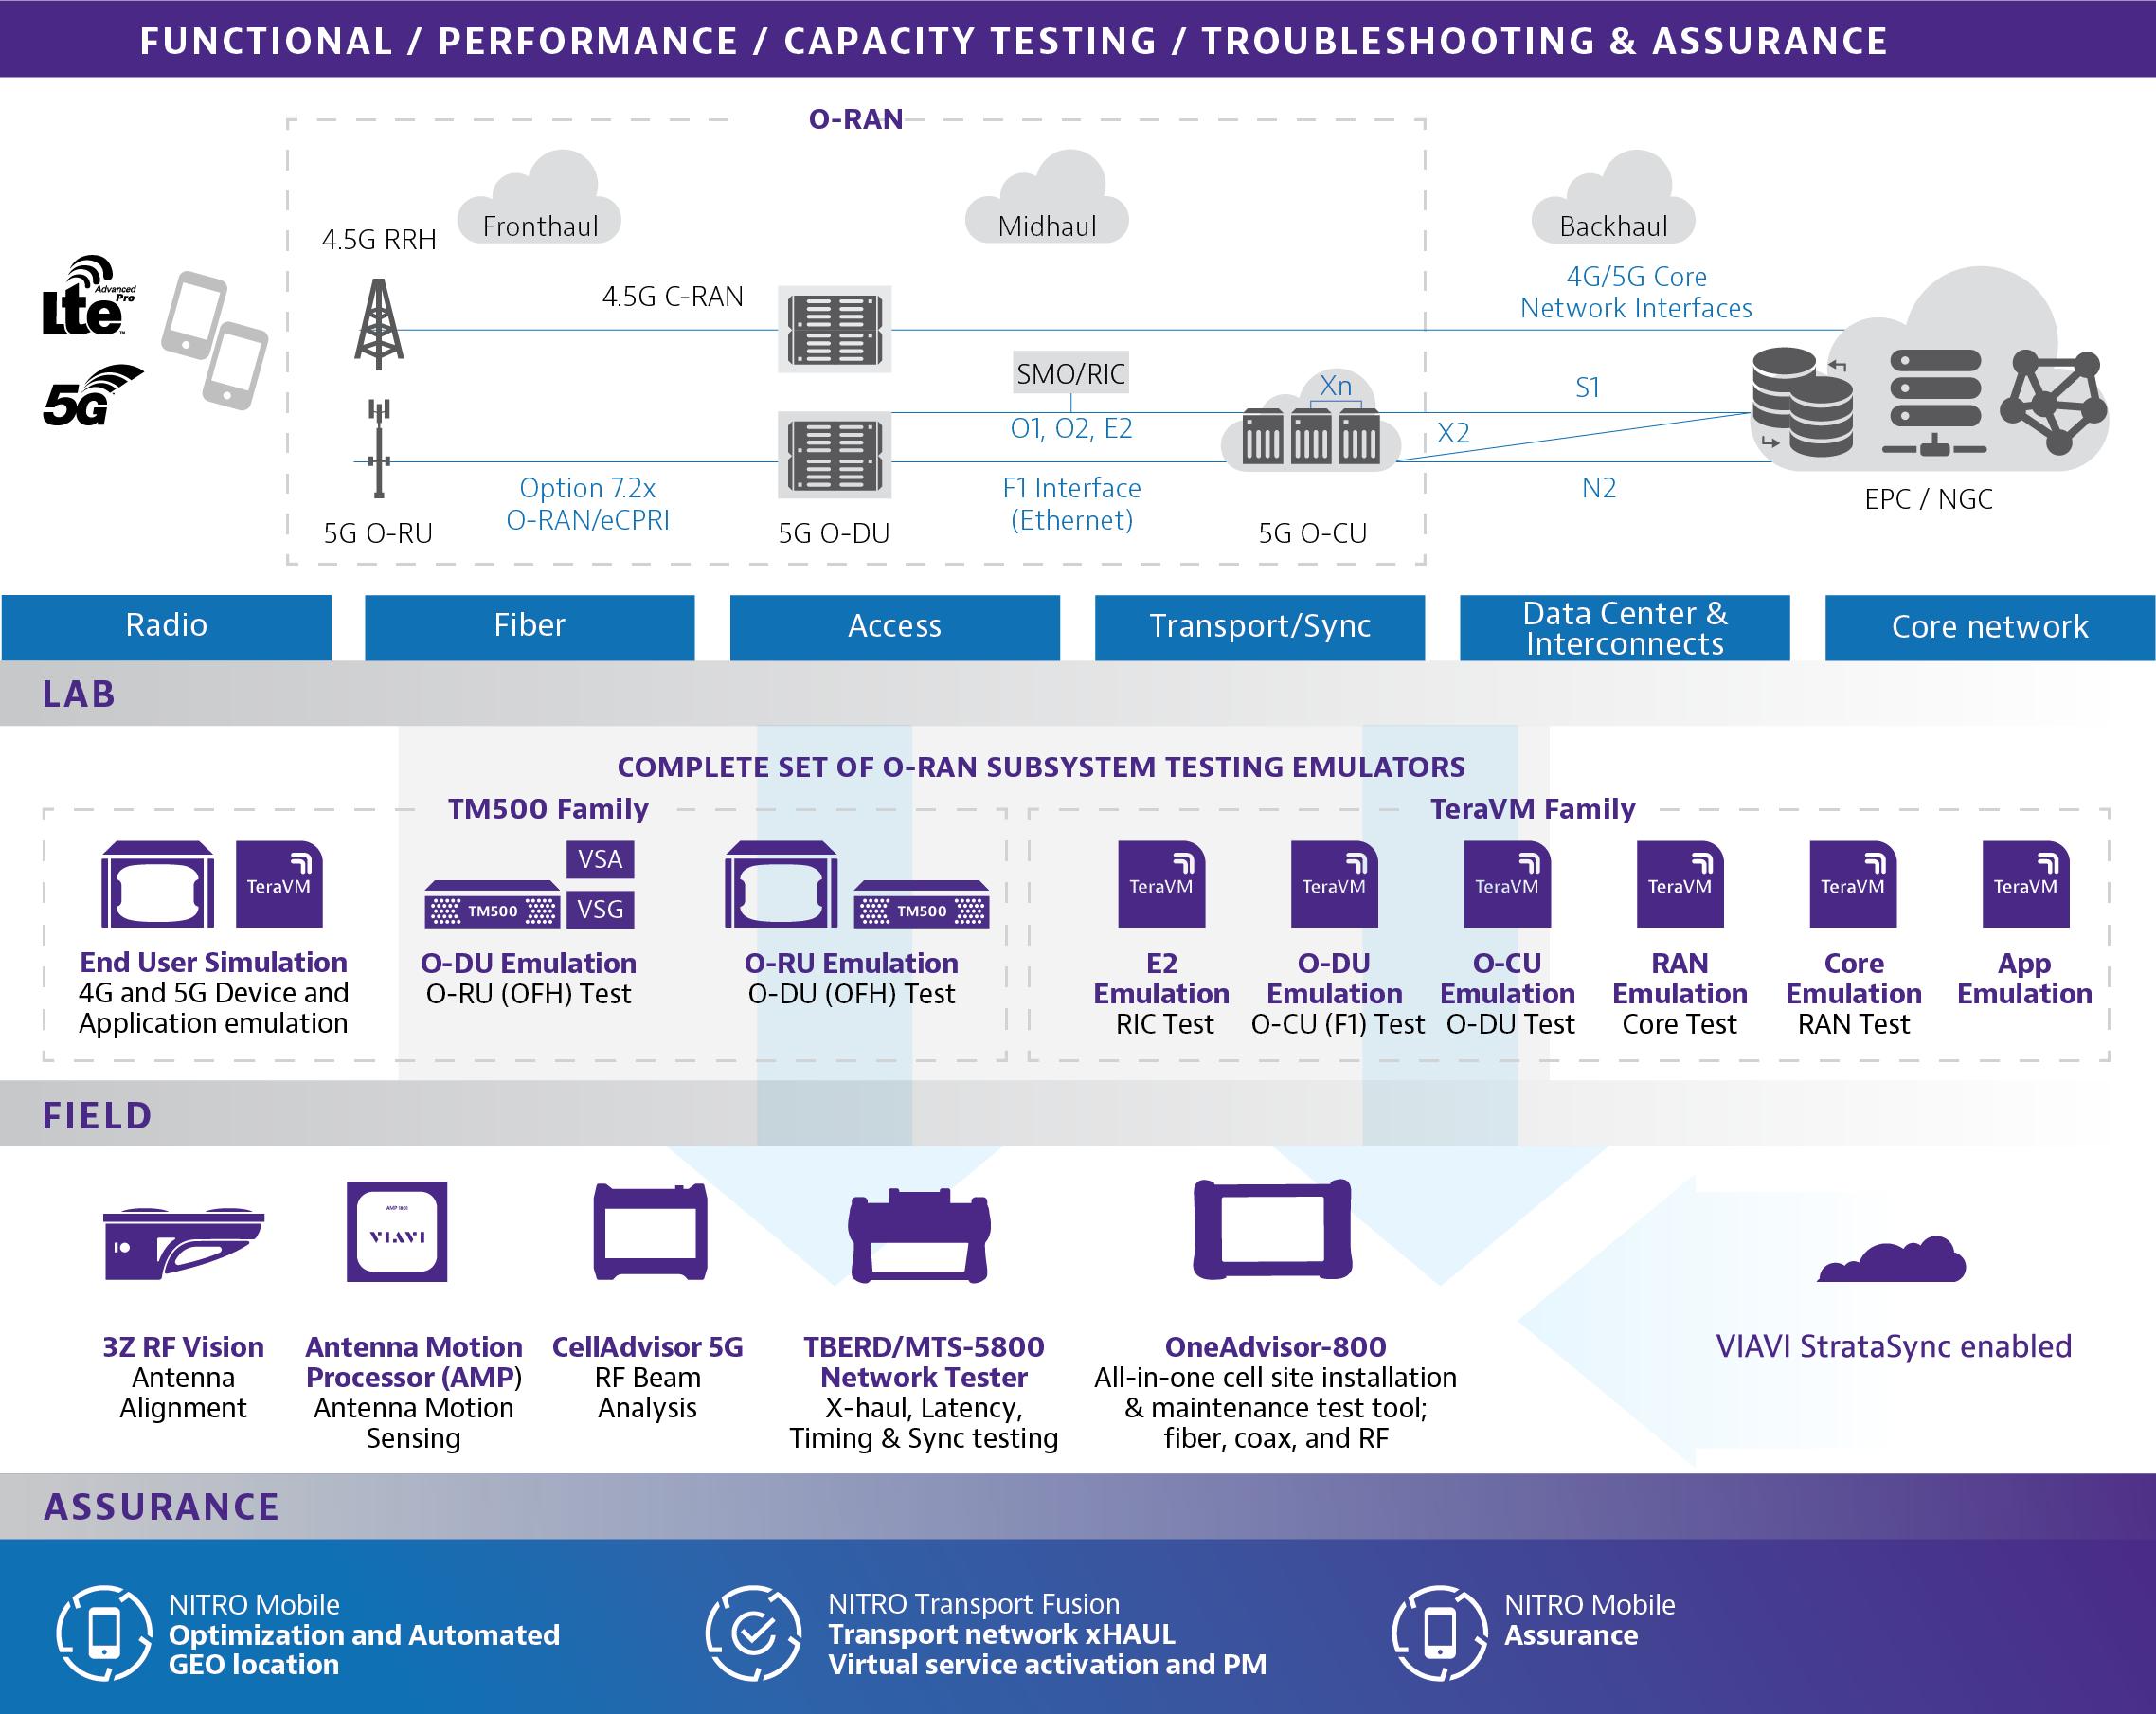 VIAVI 2021版O-RAN标准测试套件更新版发布